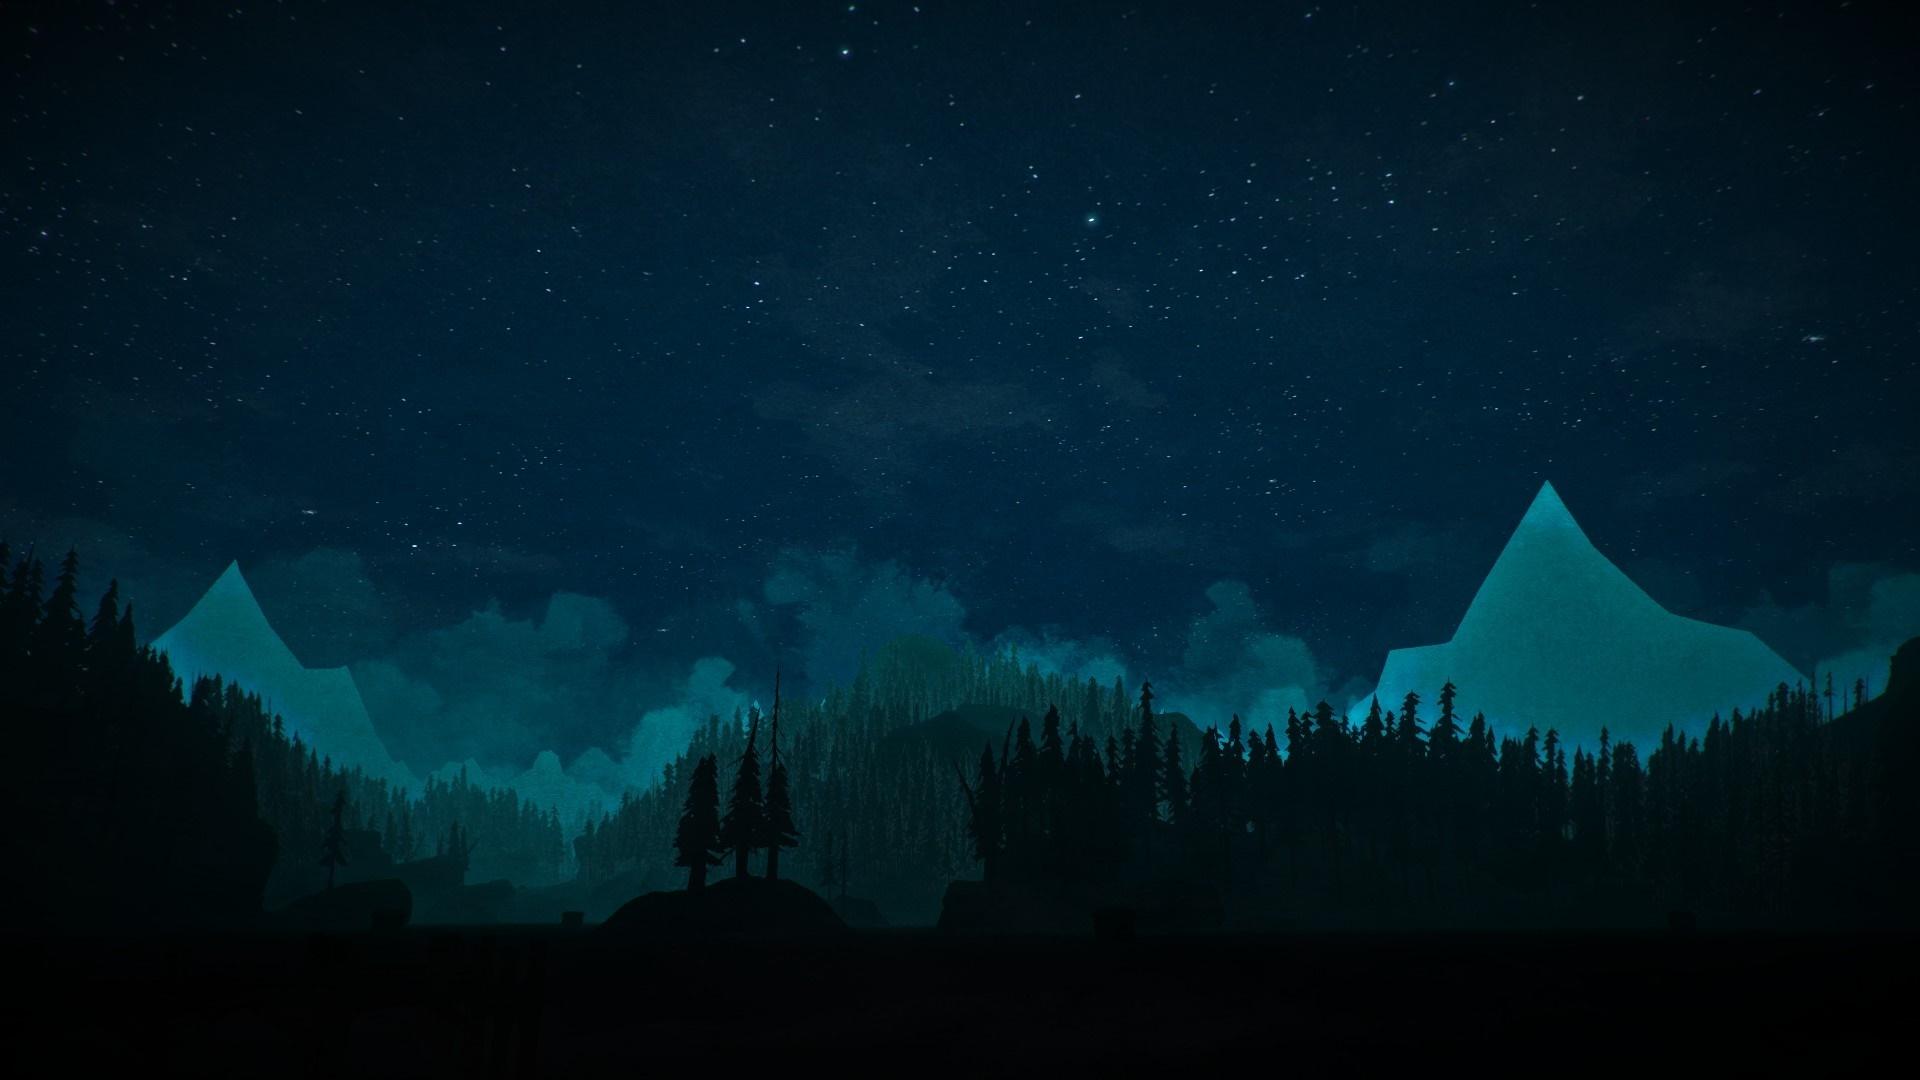 سی دی کی اریجینال استیم بازی The Long Dark